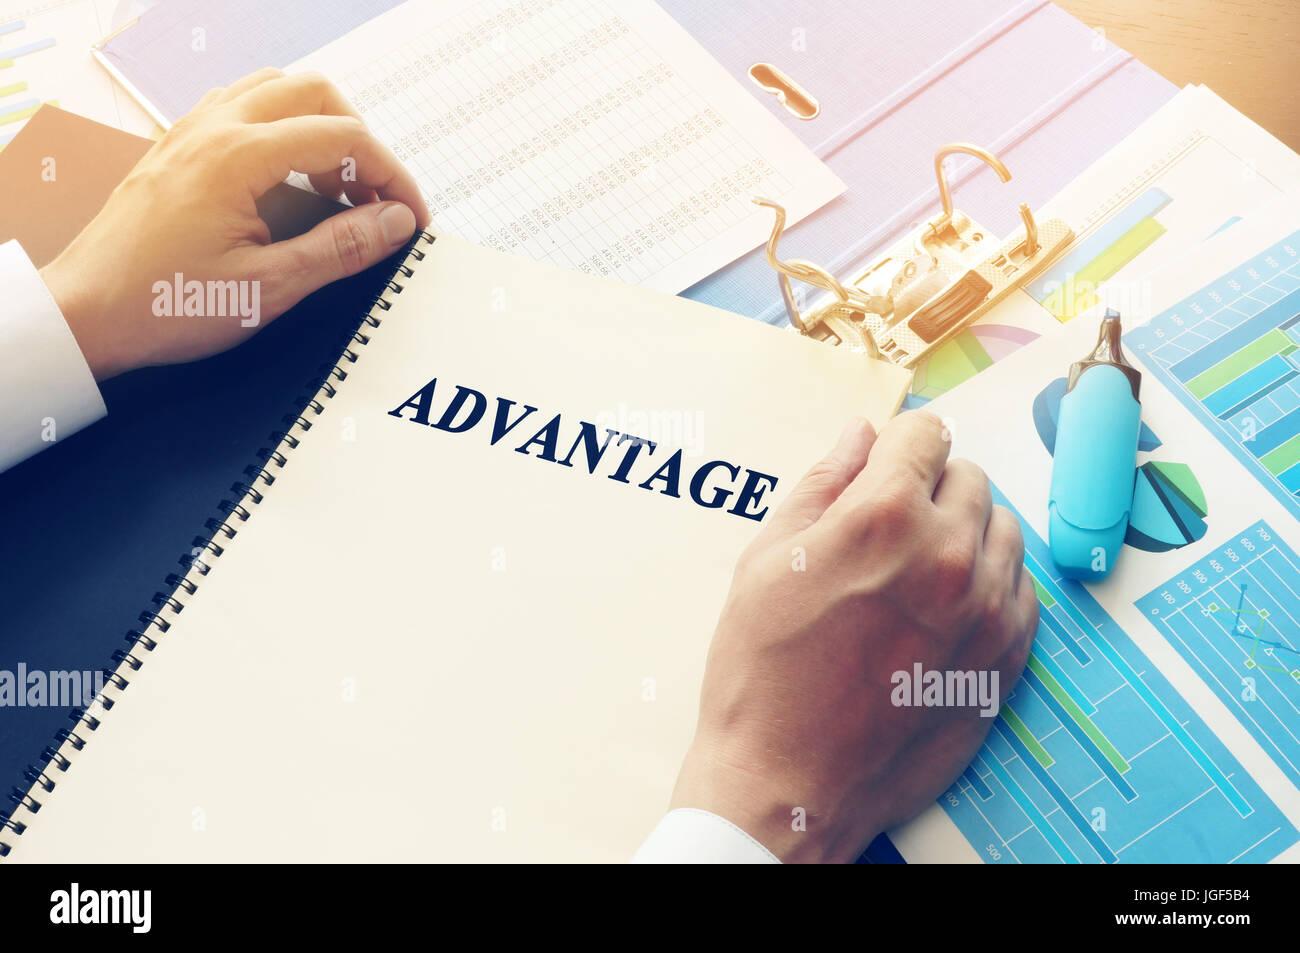 Manager en tenant livre avec nom Avantage. Photo Stock